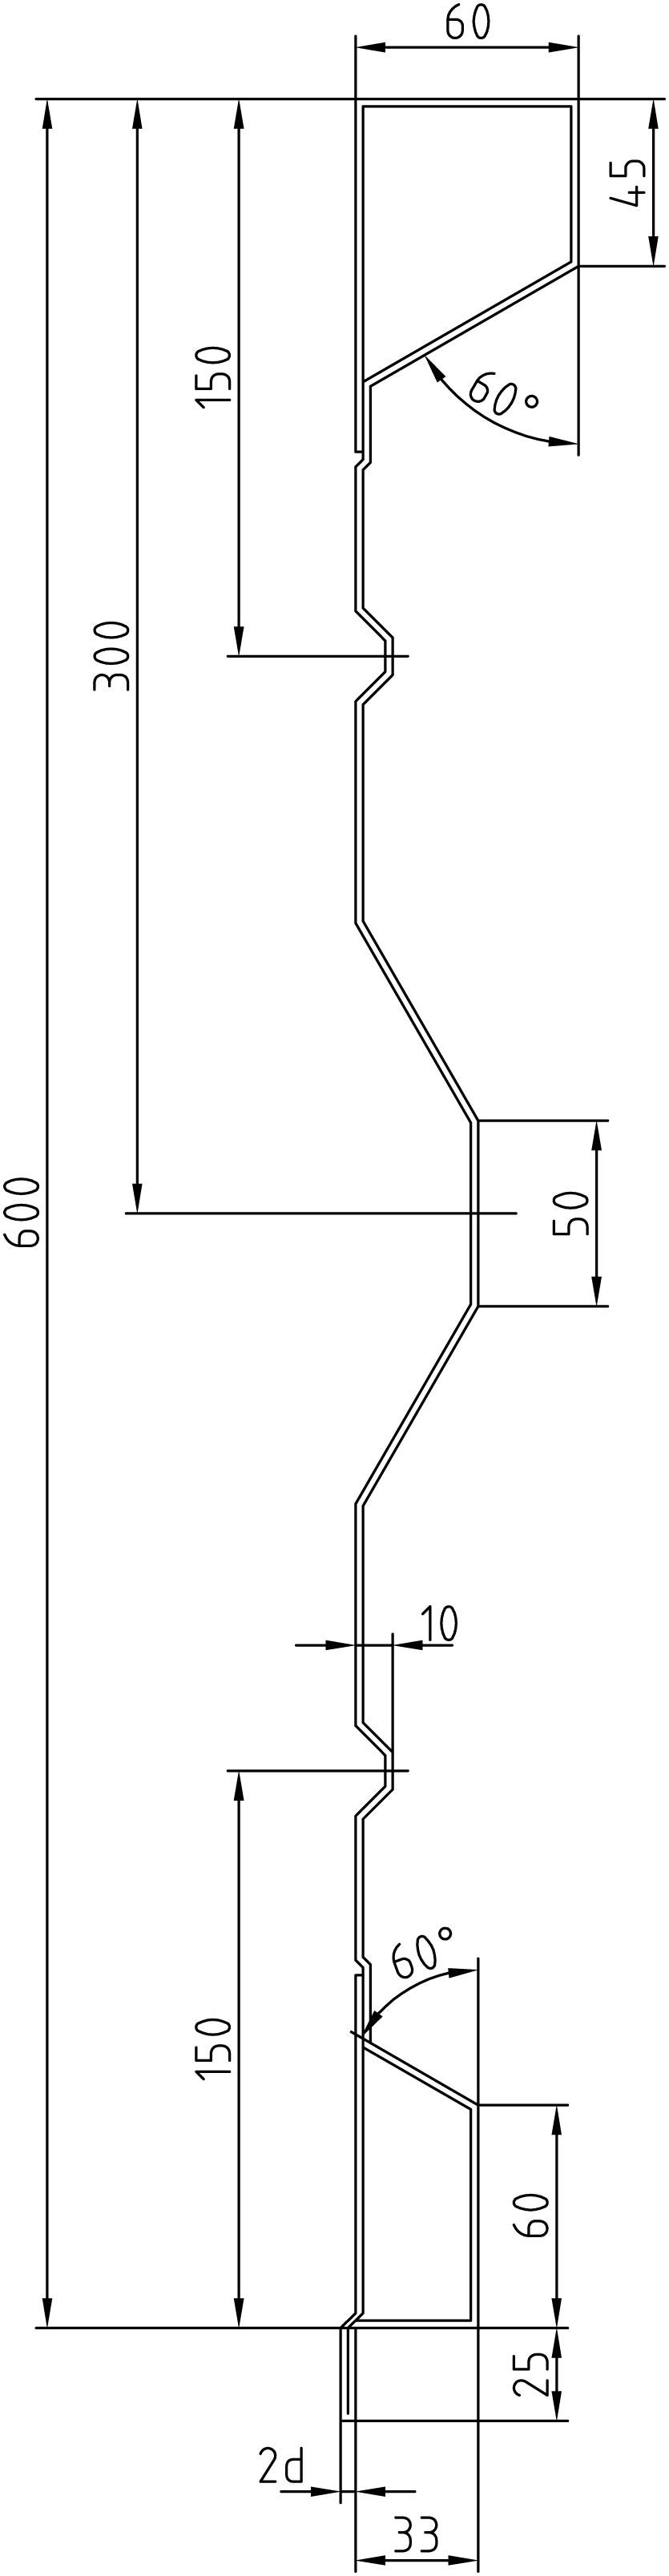 Brantner Kipper und Anhänger - 600x2x6220 AW samt EL o. BW- Verb. ohne PW- Bolzen